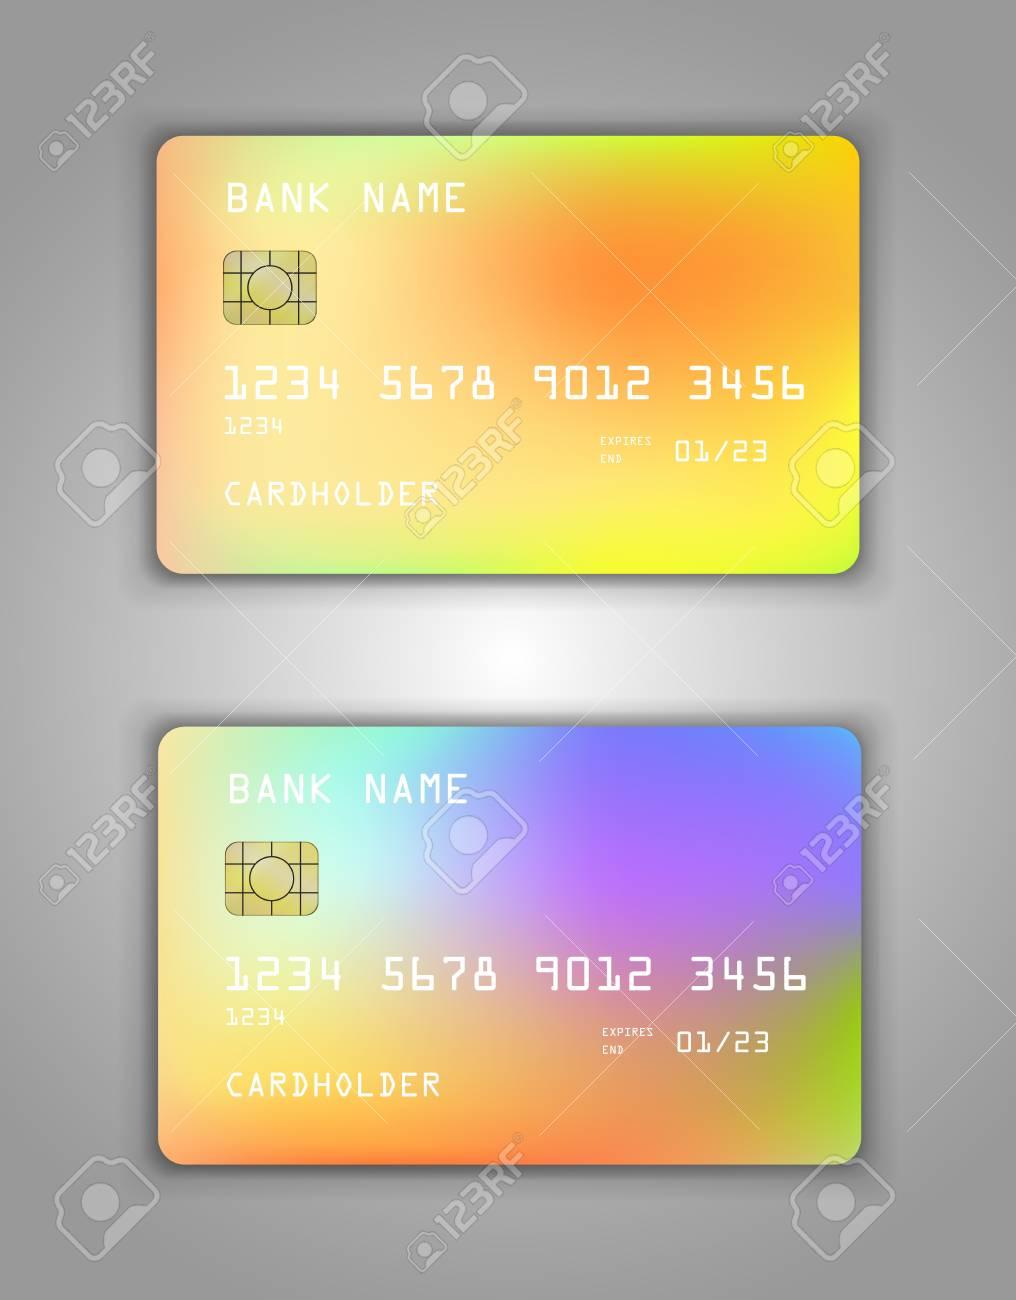 Carte Bancaire Jaune.Vecteur Defini Maquette De Carte De Credit Bancaire Realiste Motif En Spirale Degrade Multicolore Couleurs Arc En Ciel Jaune Rouge Bleu Vert